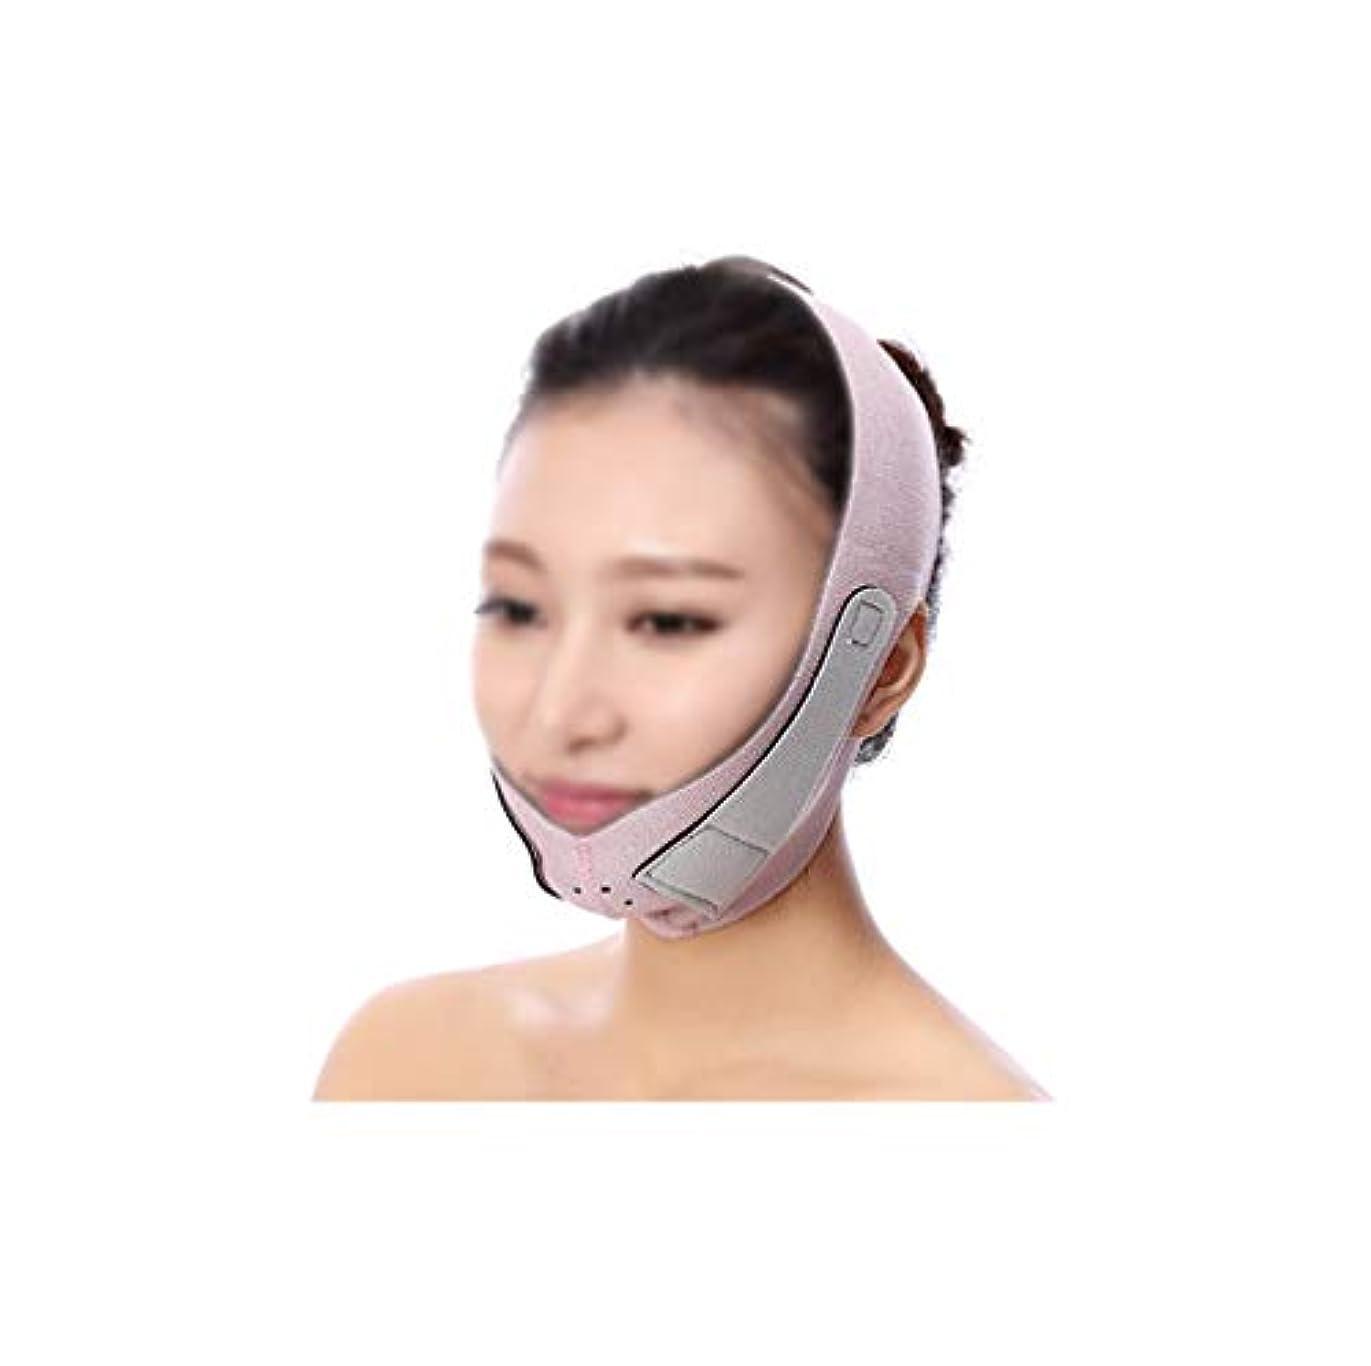 アシュリータファーマンヘビ明るいフェイスリフトマスク、あごストラップ回復包帯小さなV顔薄い顔アーティファクト睡眠強力なマスクフェイスリフティング包帯フェイシャルリフティングダブルチンリフティング引き締め